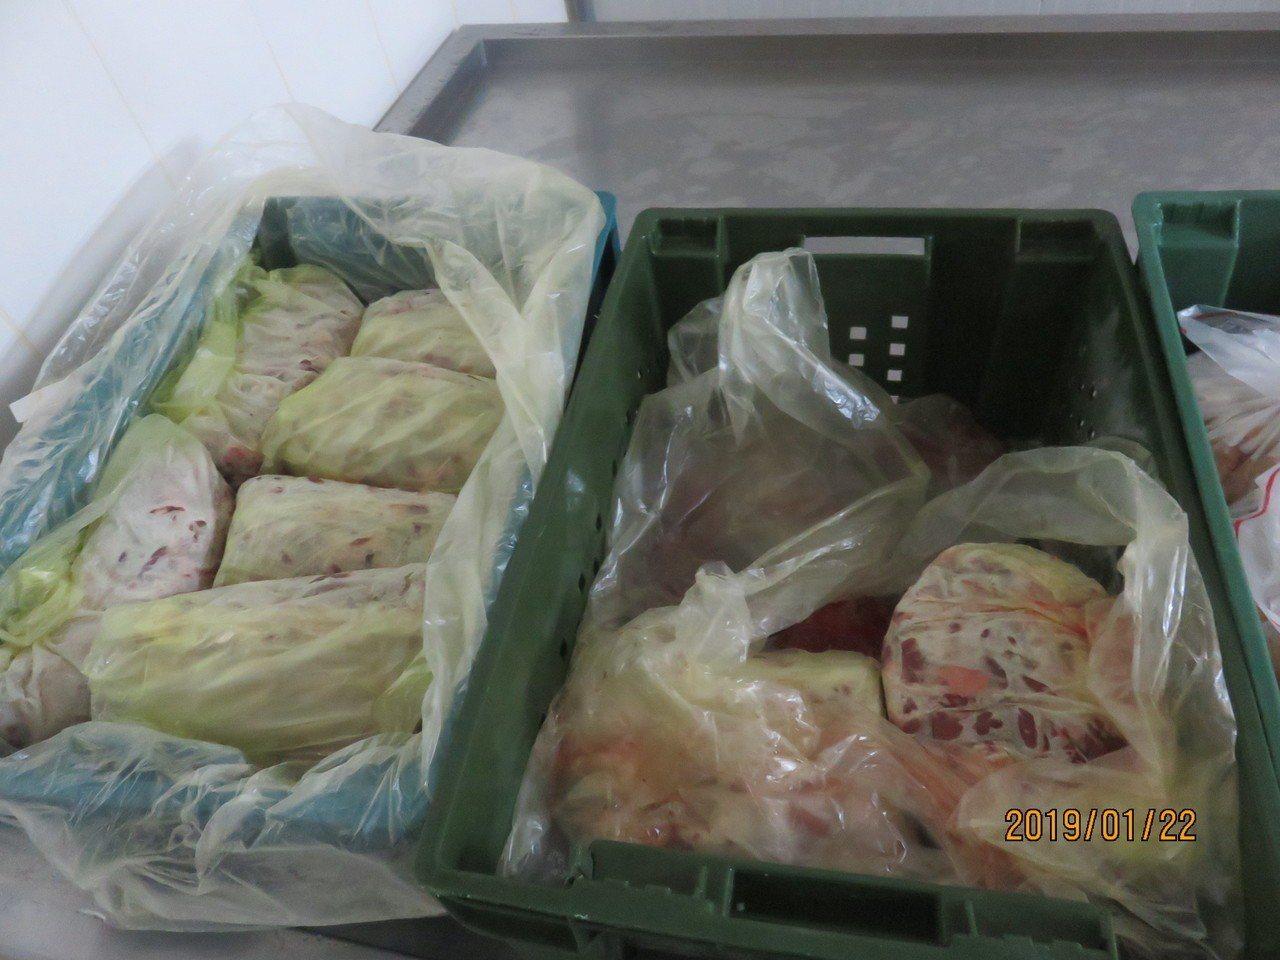 新北市衛生局昨天派員到土城區製造地稽查,查獲生鮮及醃漬雞肉品原料疑似逾期,共8品...